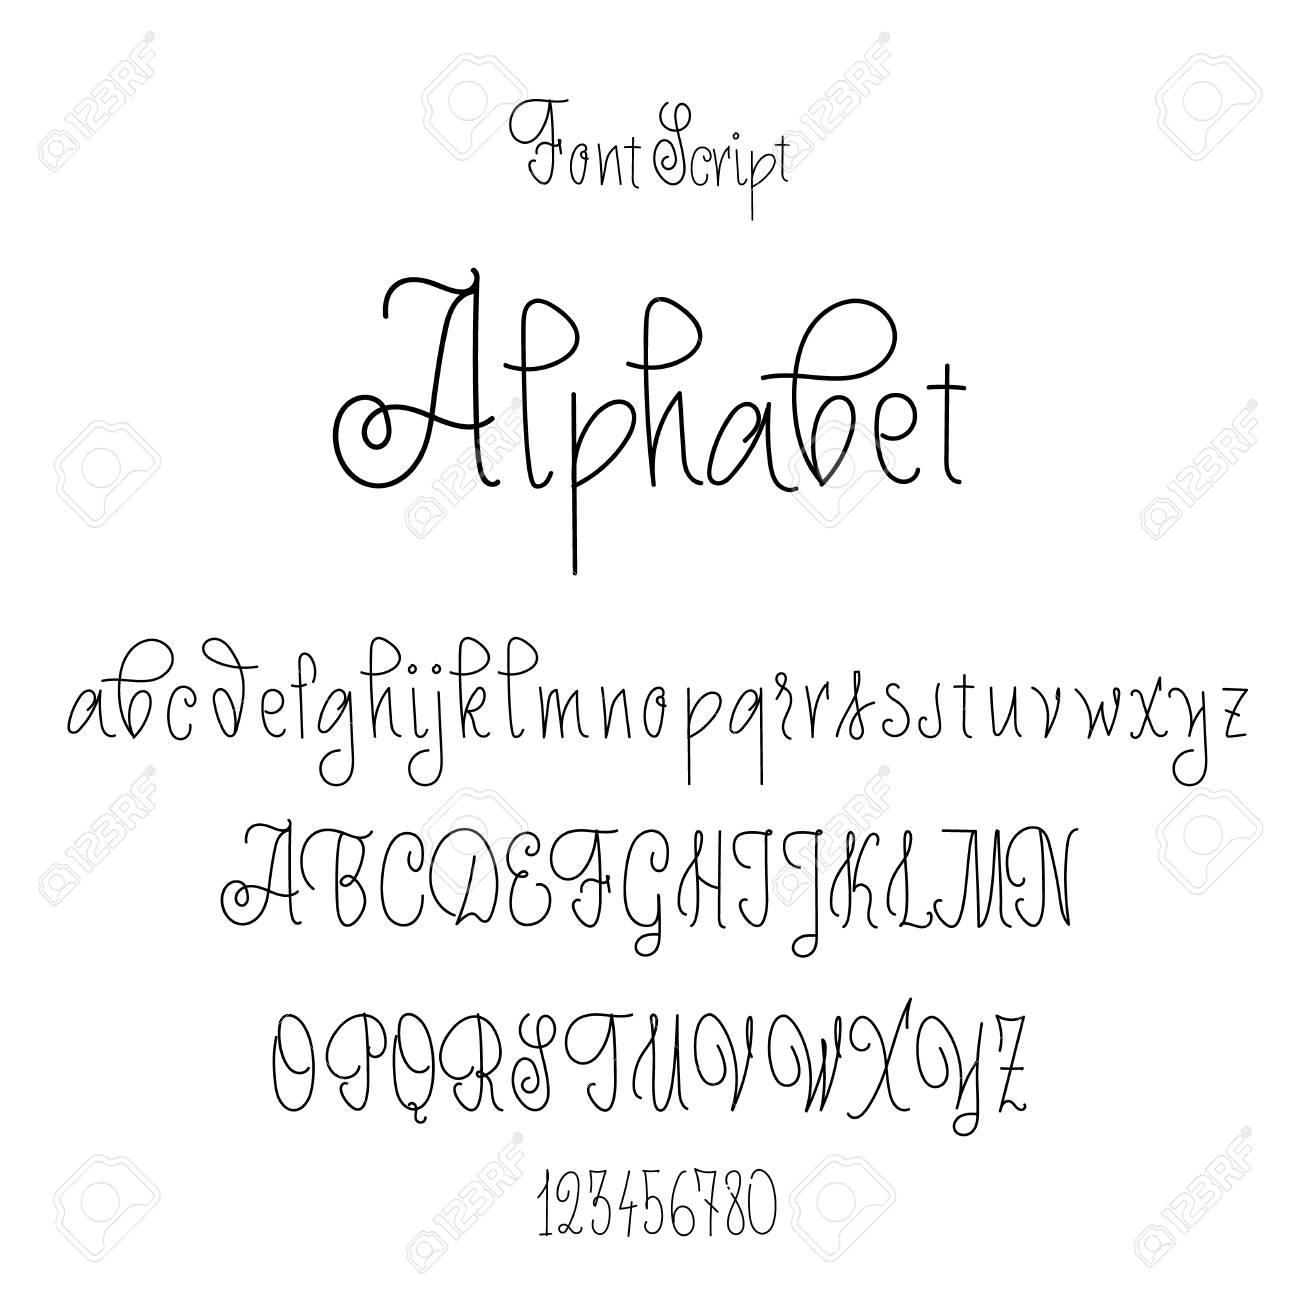 Schriftart Auf Der Grundlage Von Handschrift Kalligraphie Gezeichnet